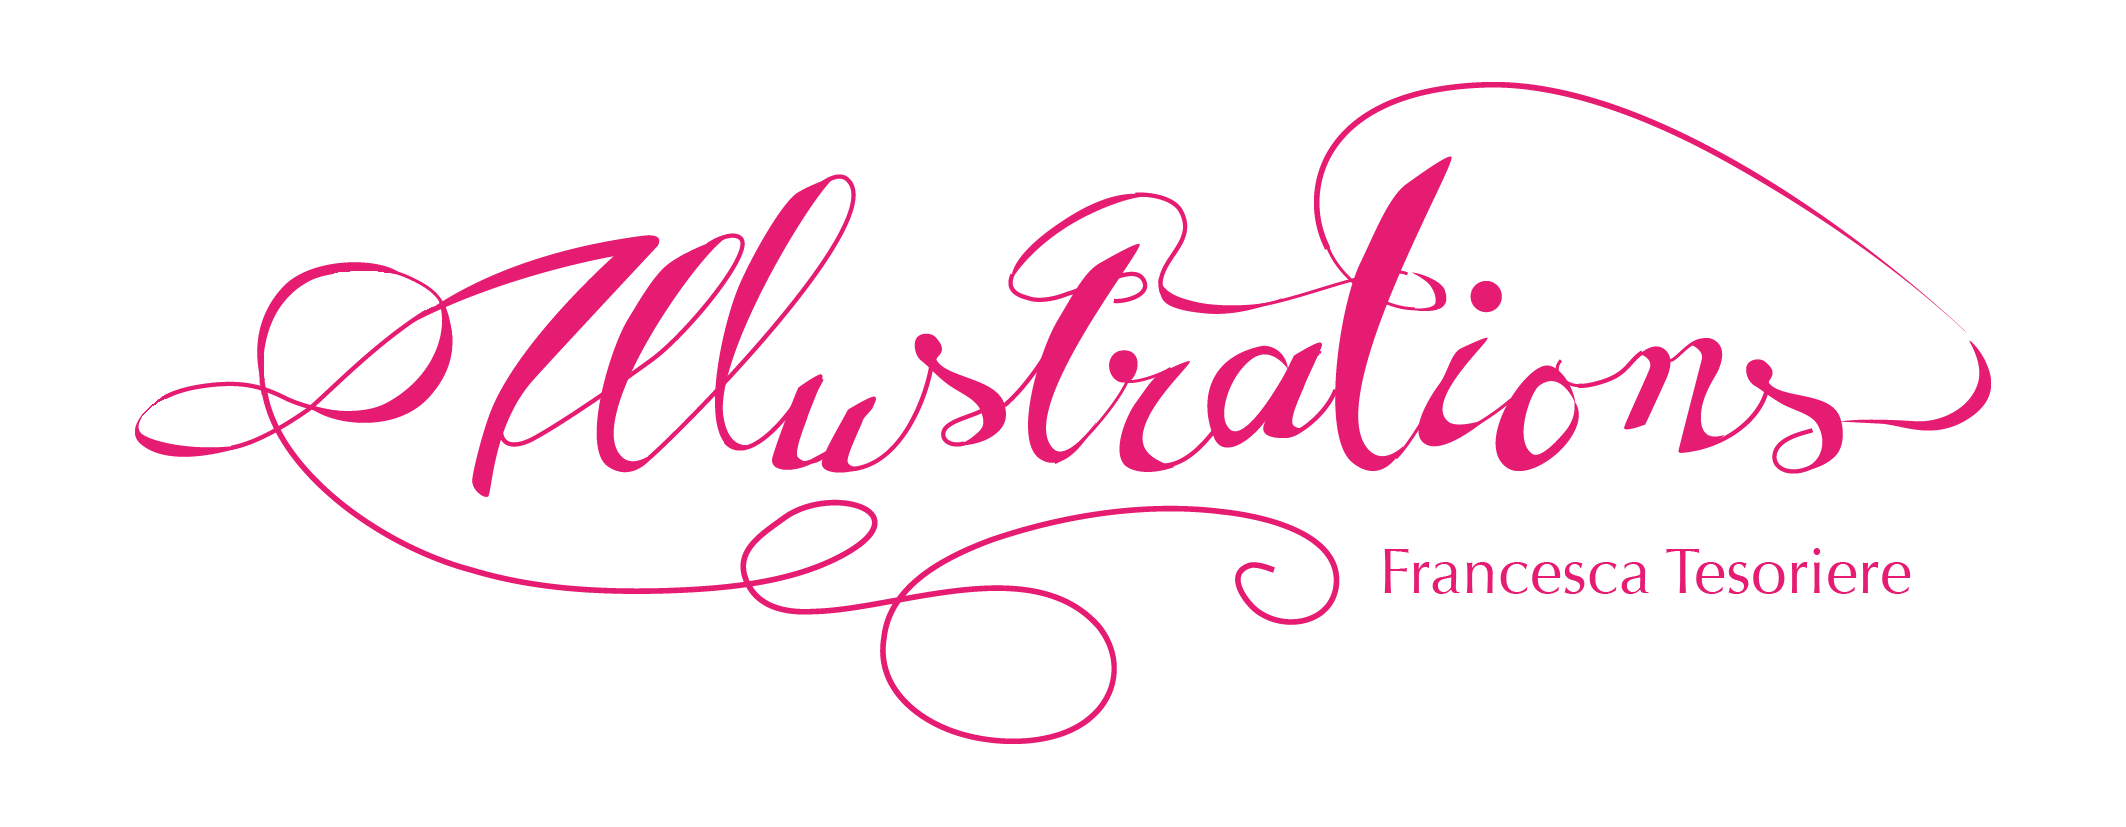 Francesca Tesoriere's Signature